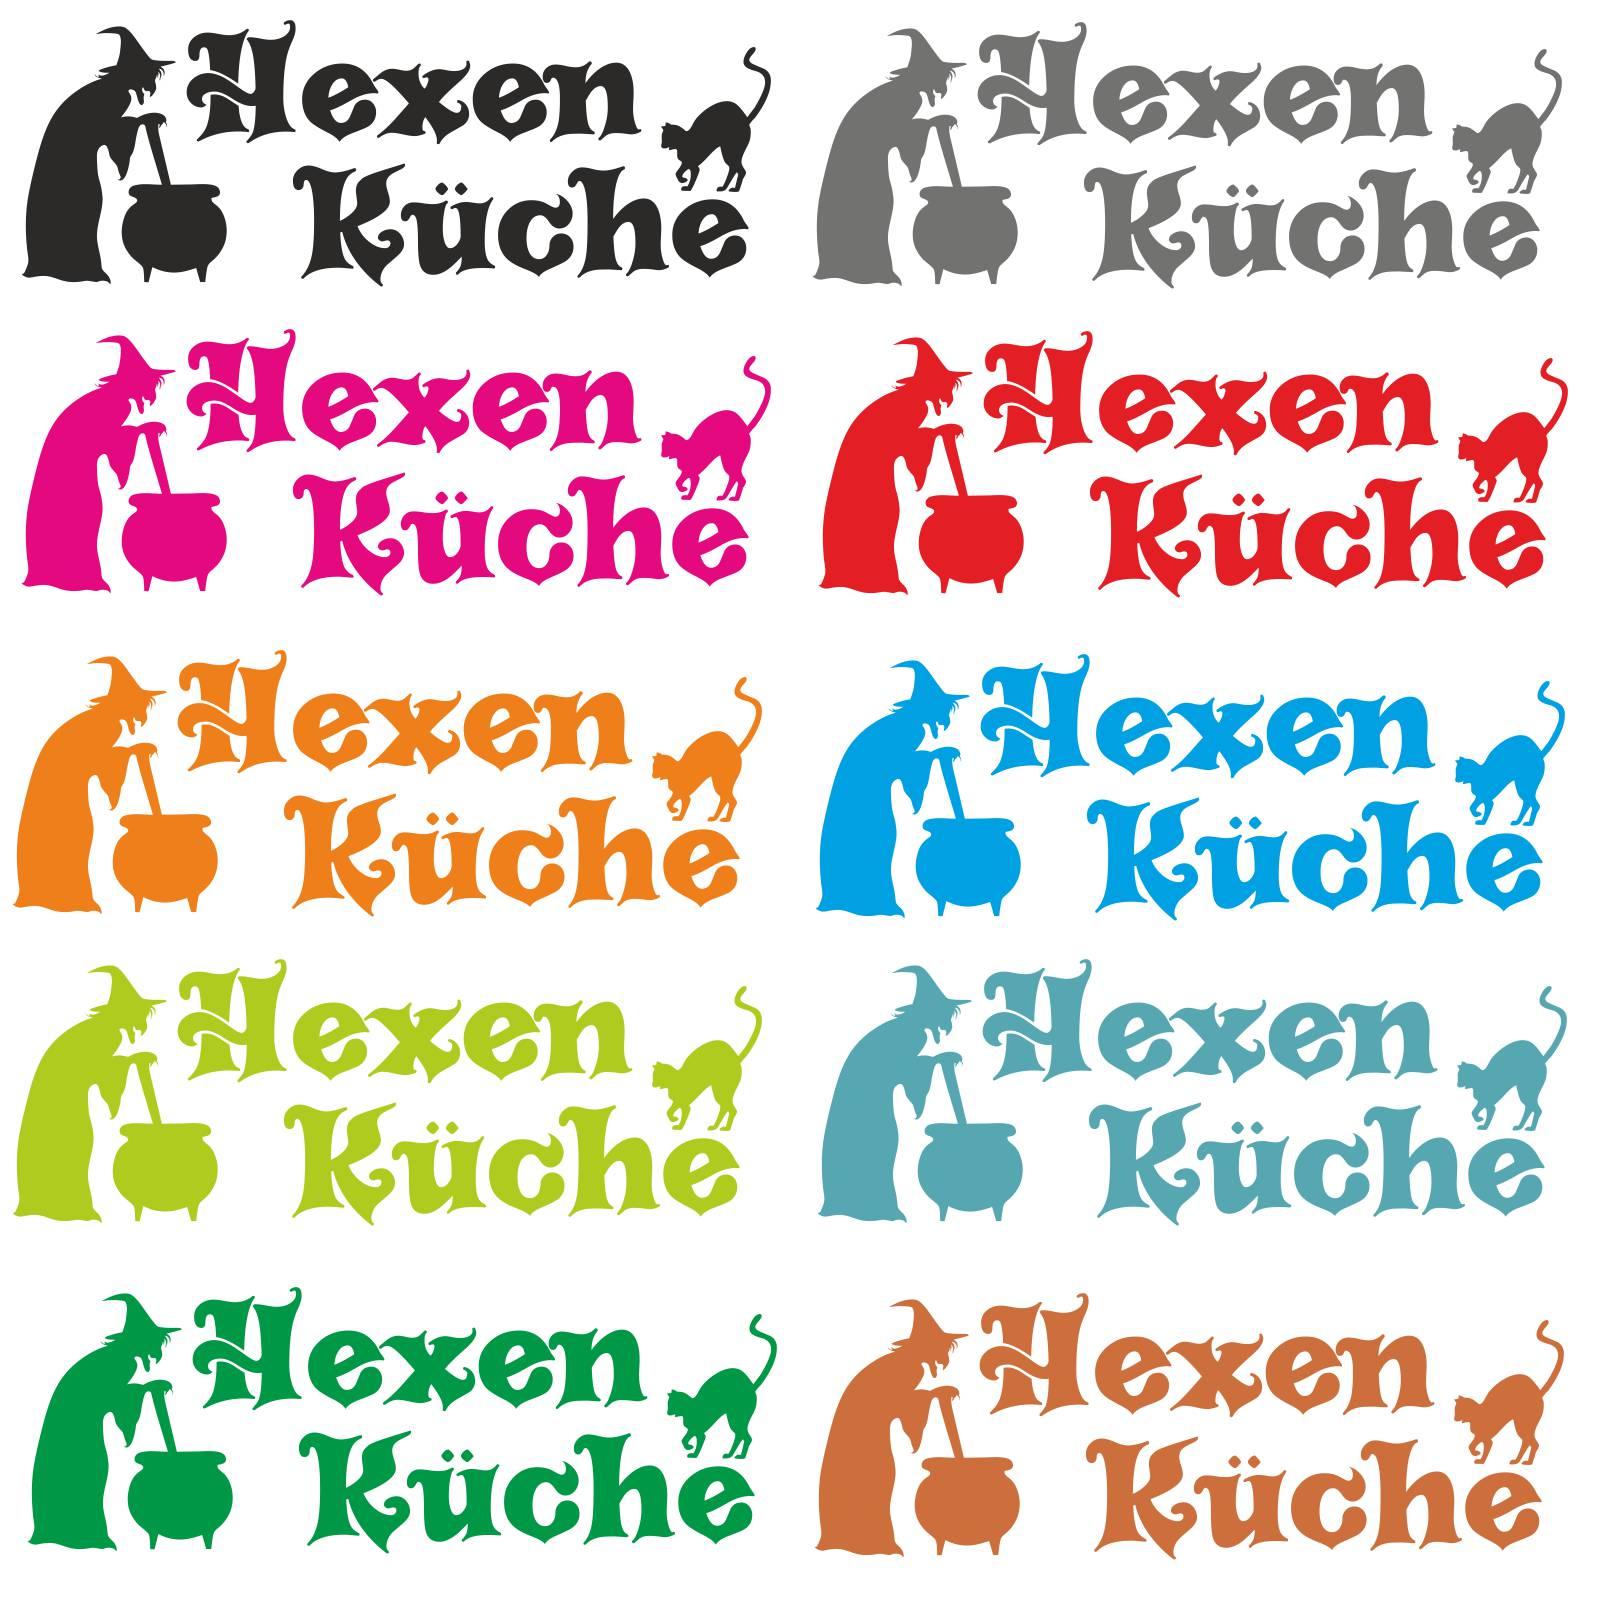 Hexenküche Wandtattoo Wandaufkleber Sticker Hexen Küche Türaufkleber ...